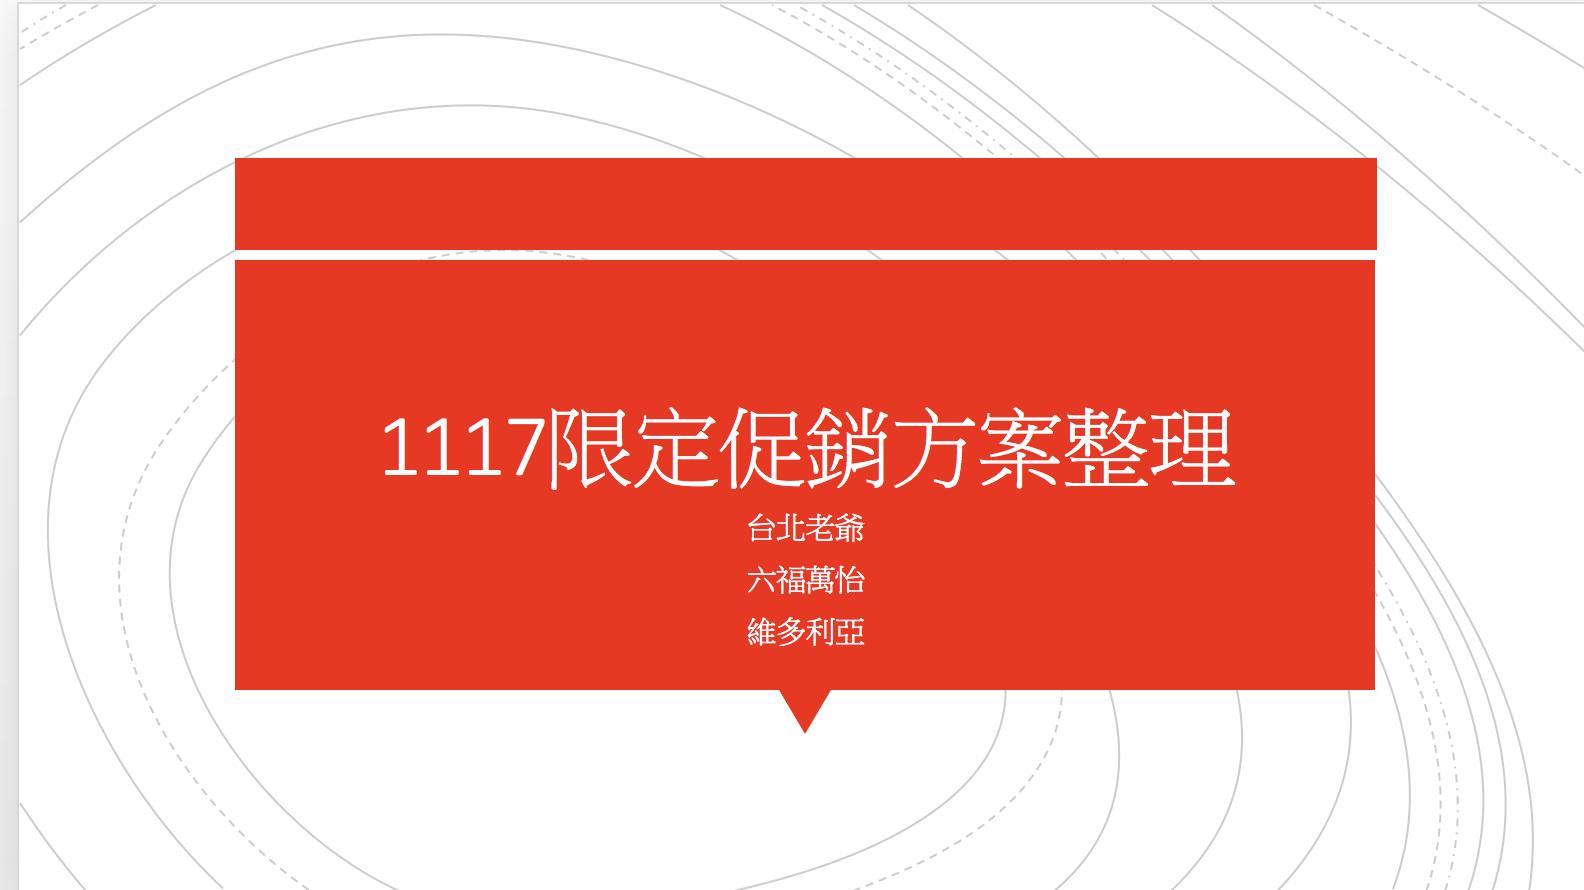 11/17飯店促銷整理,台北六福萬怡、老爺、維多利亞,訂房嗨起來!